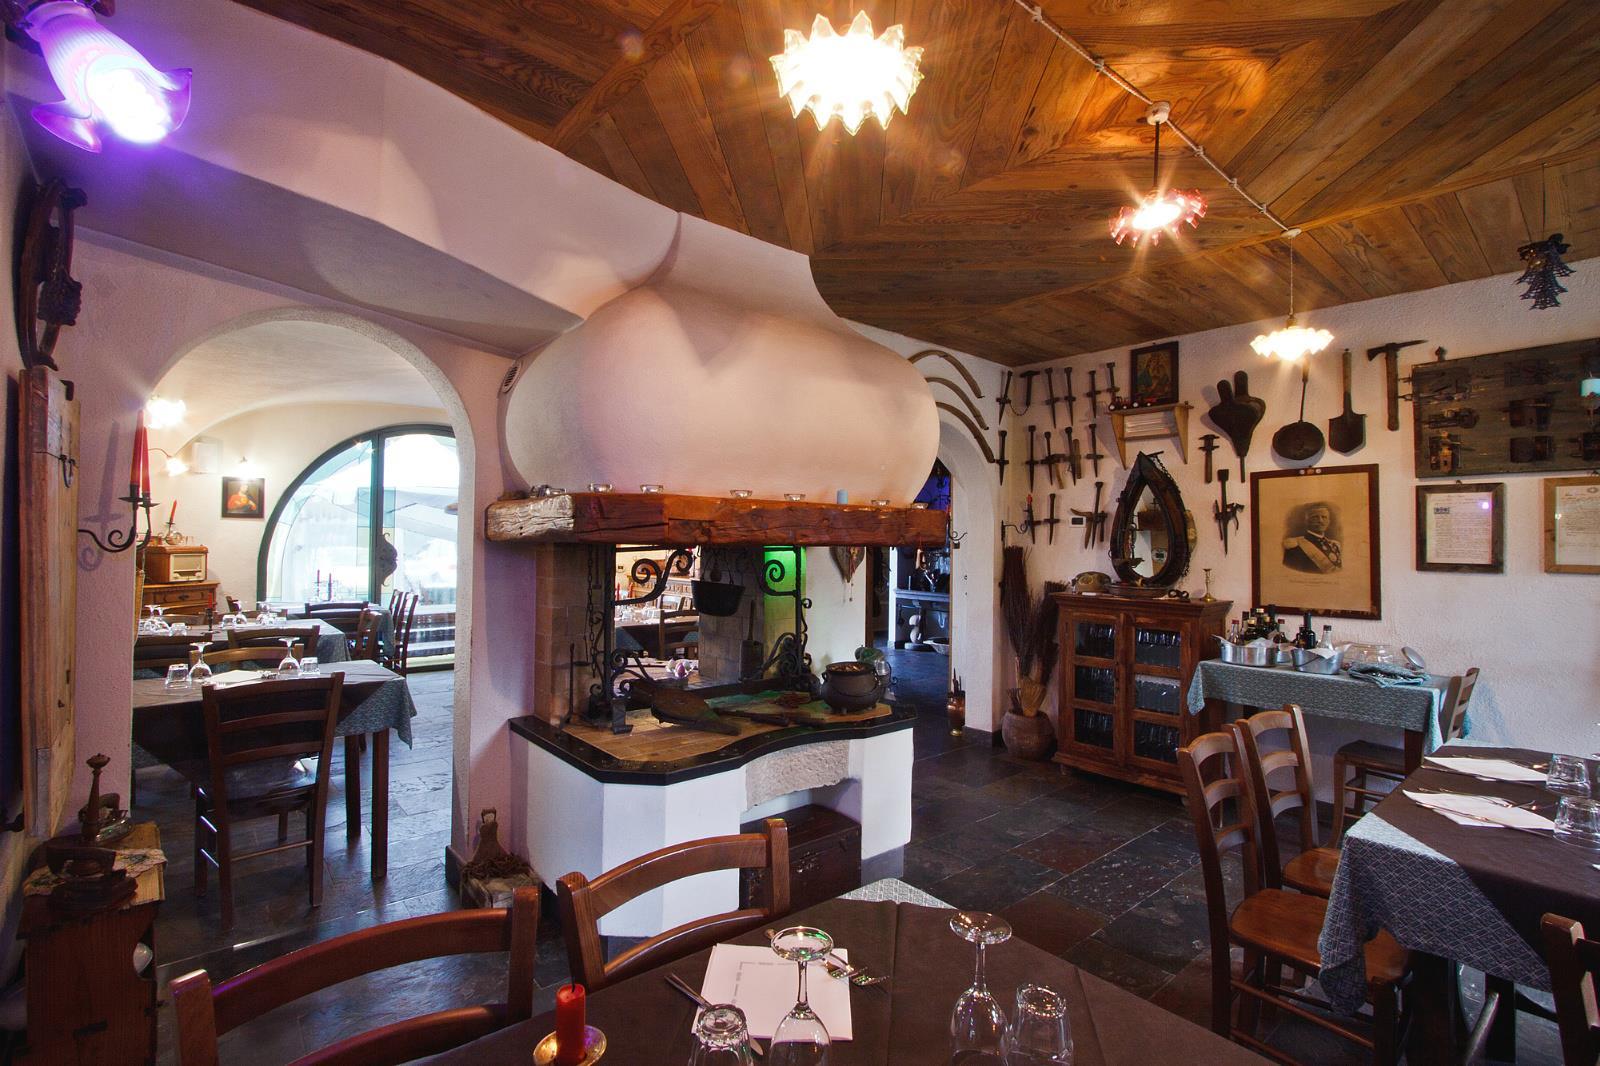 Ristorante cucina carnica | Agriturismo di montagna in Friuli